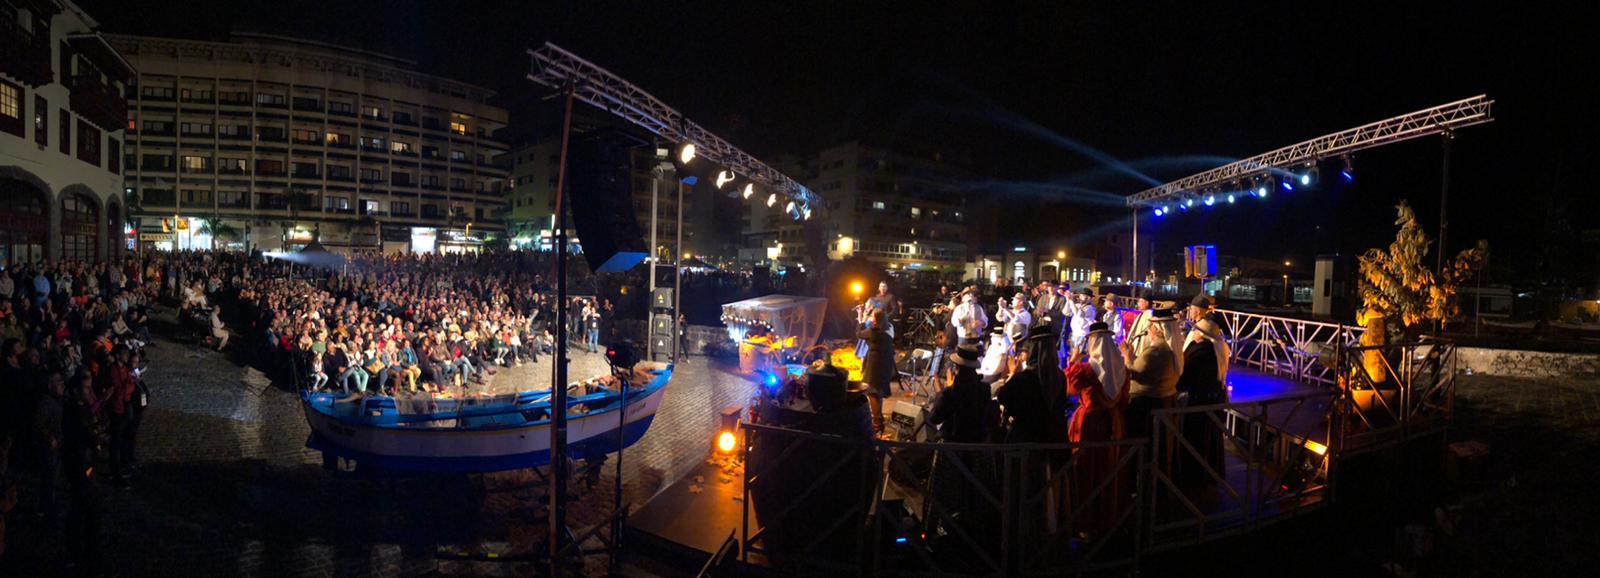 Puerto de la Cruz recupera con éxito la tradición de San Andrés con música en directo